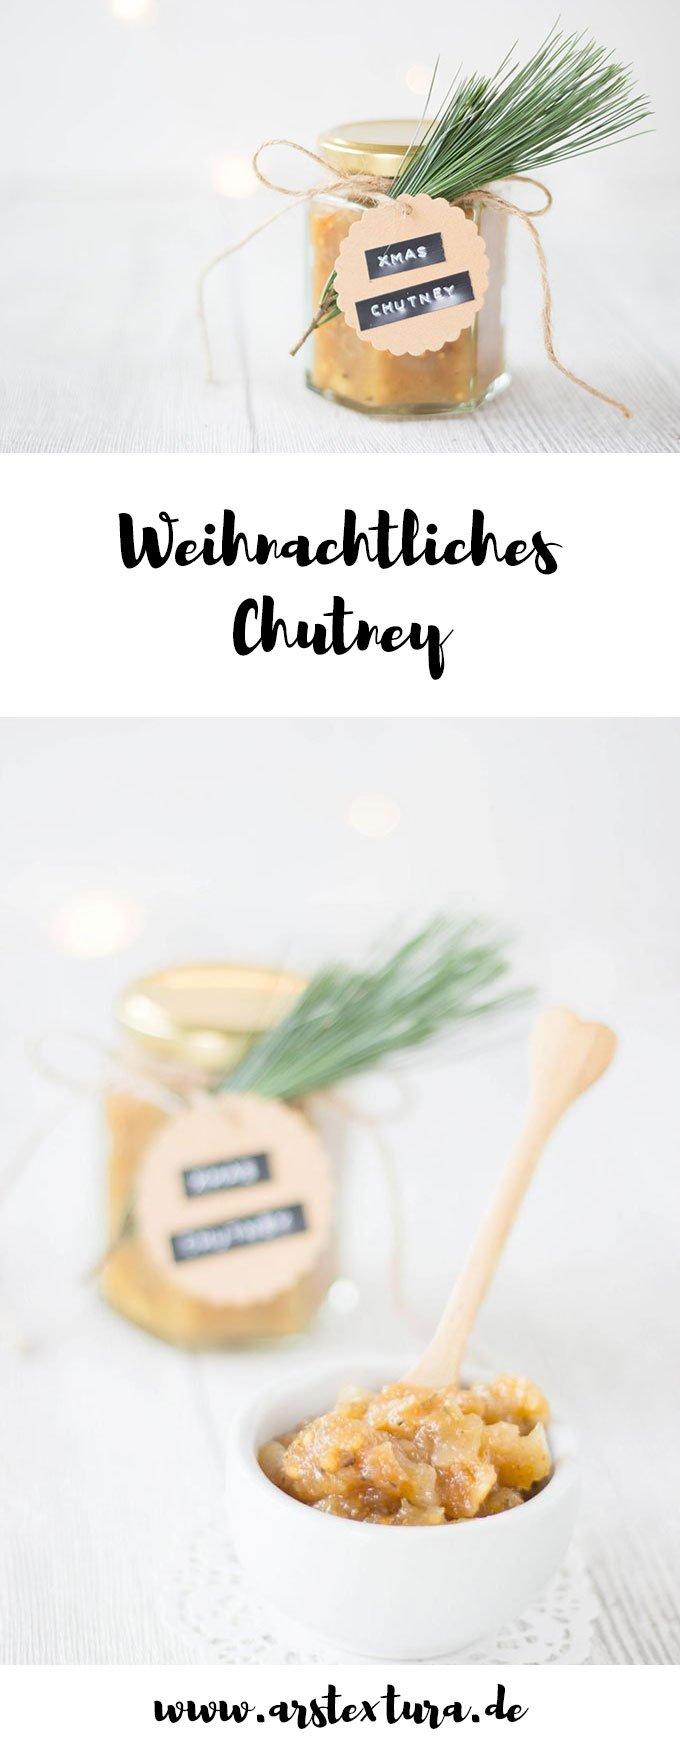 Weihnachtliches Chutney - ein tolles DIY Geschenk aus der Küche